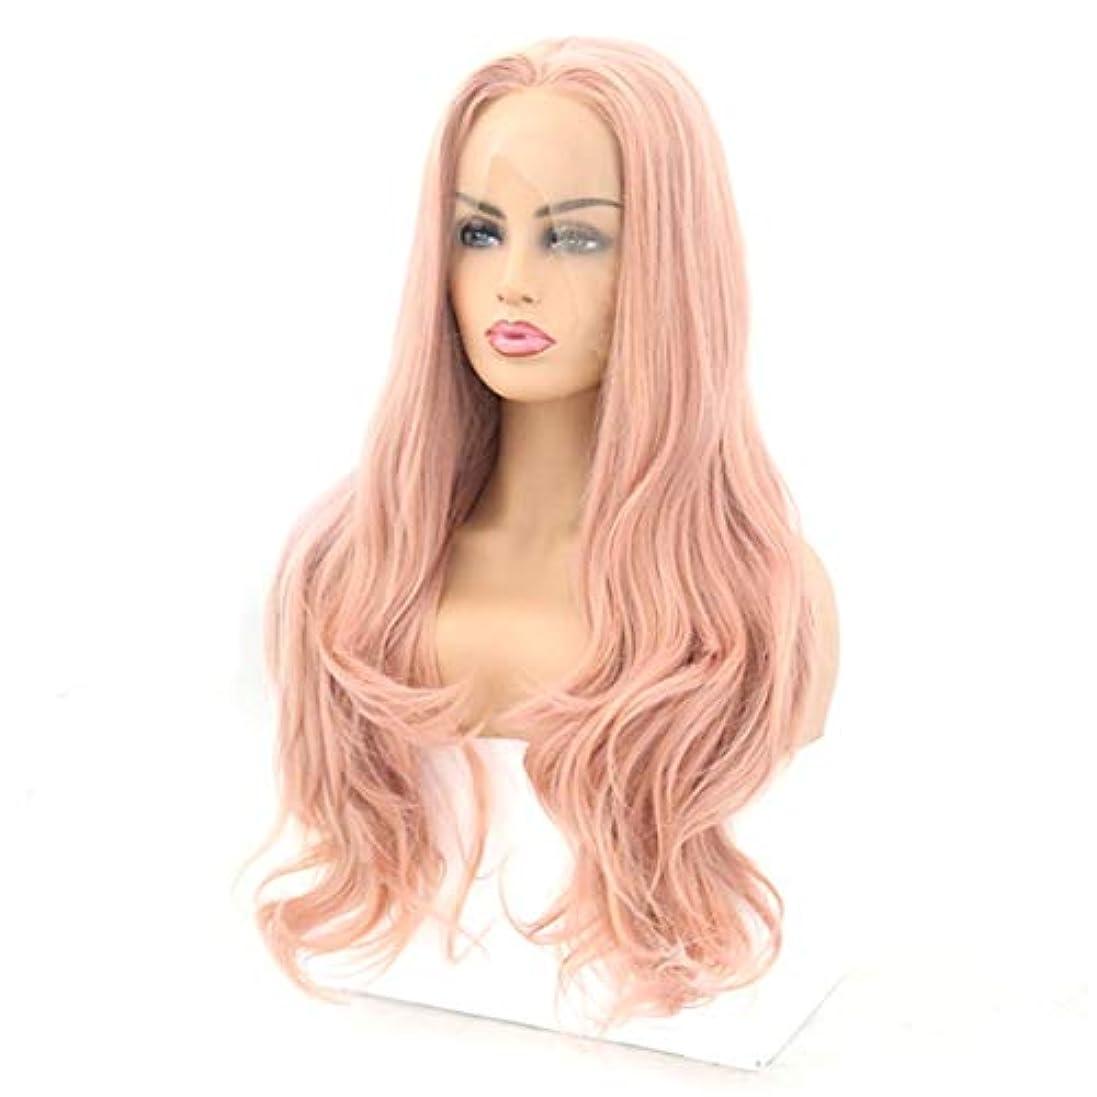 哲学的いわゆる恐ろしいKerwinner フロントレースかつら長い巻き毛のかつら合成のカラフルなコスプレ日常パーティーかつら本物の髪として自然な女性のためのかつら